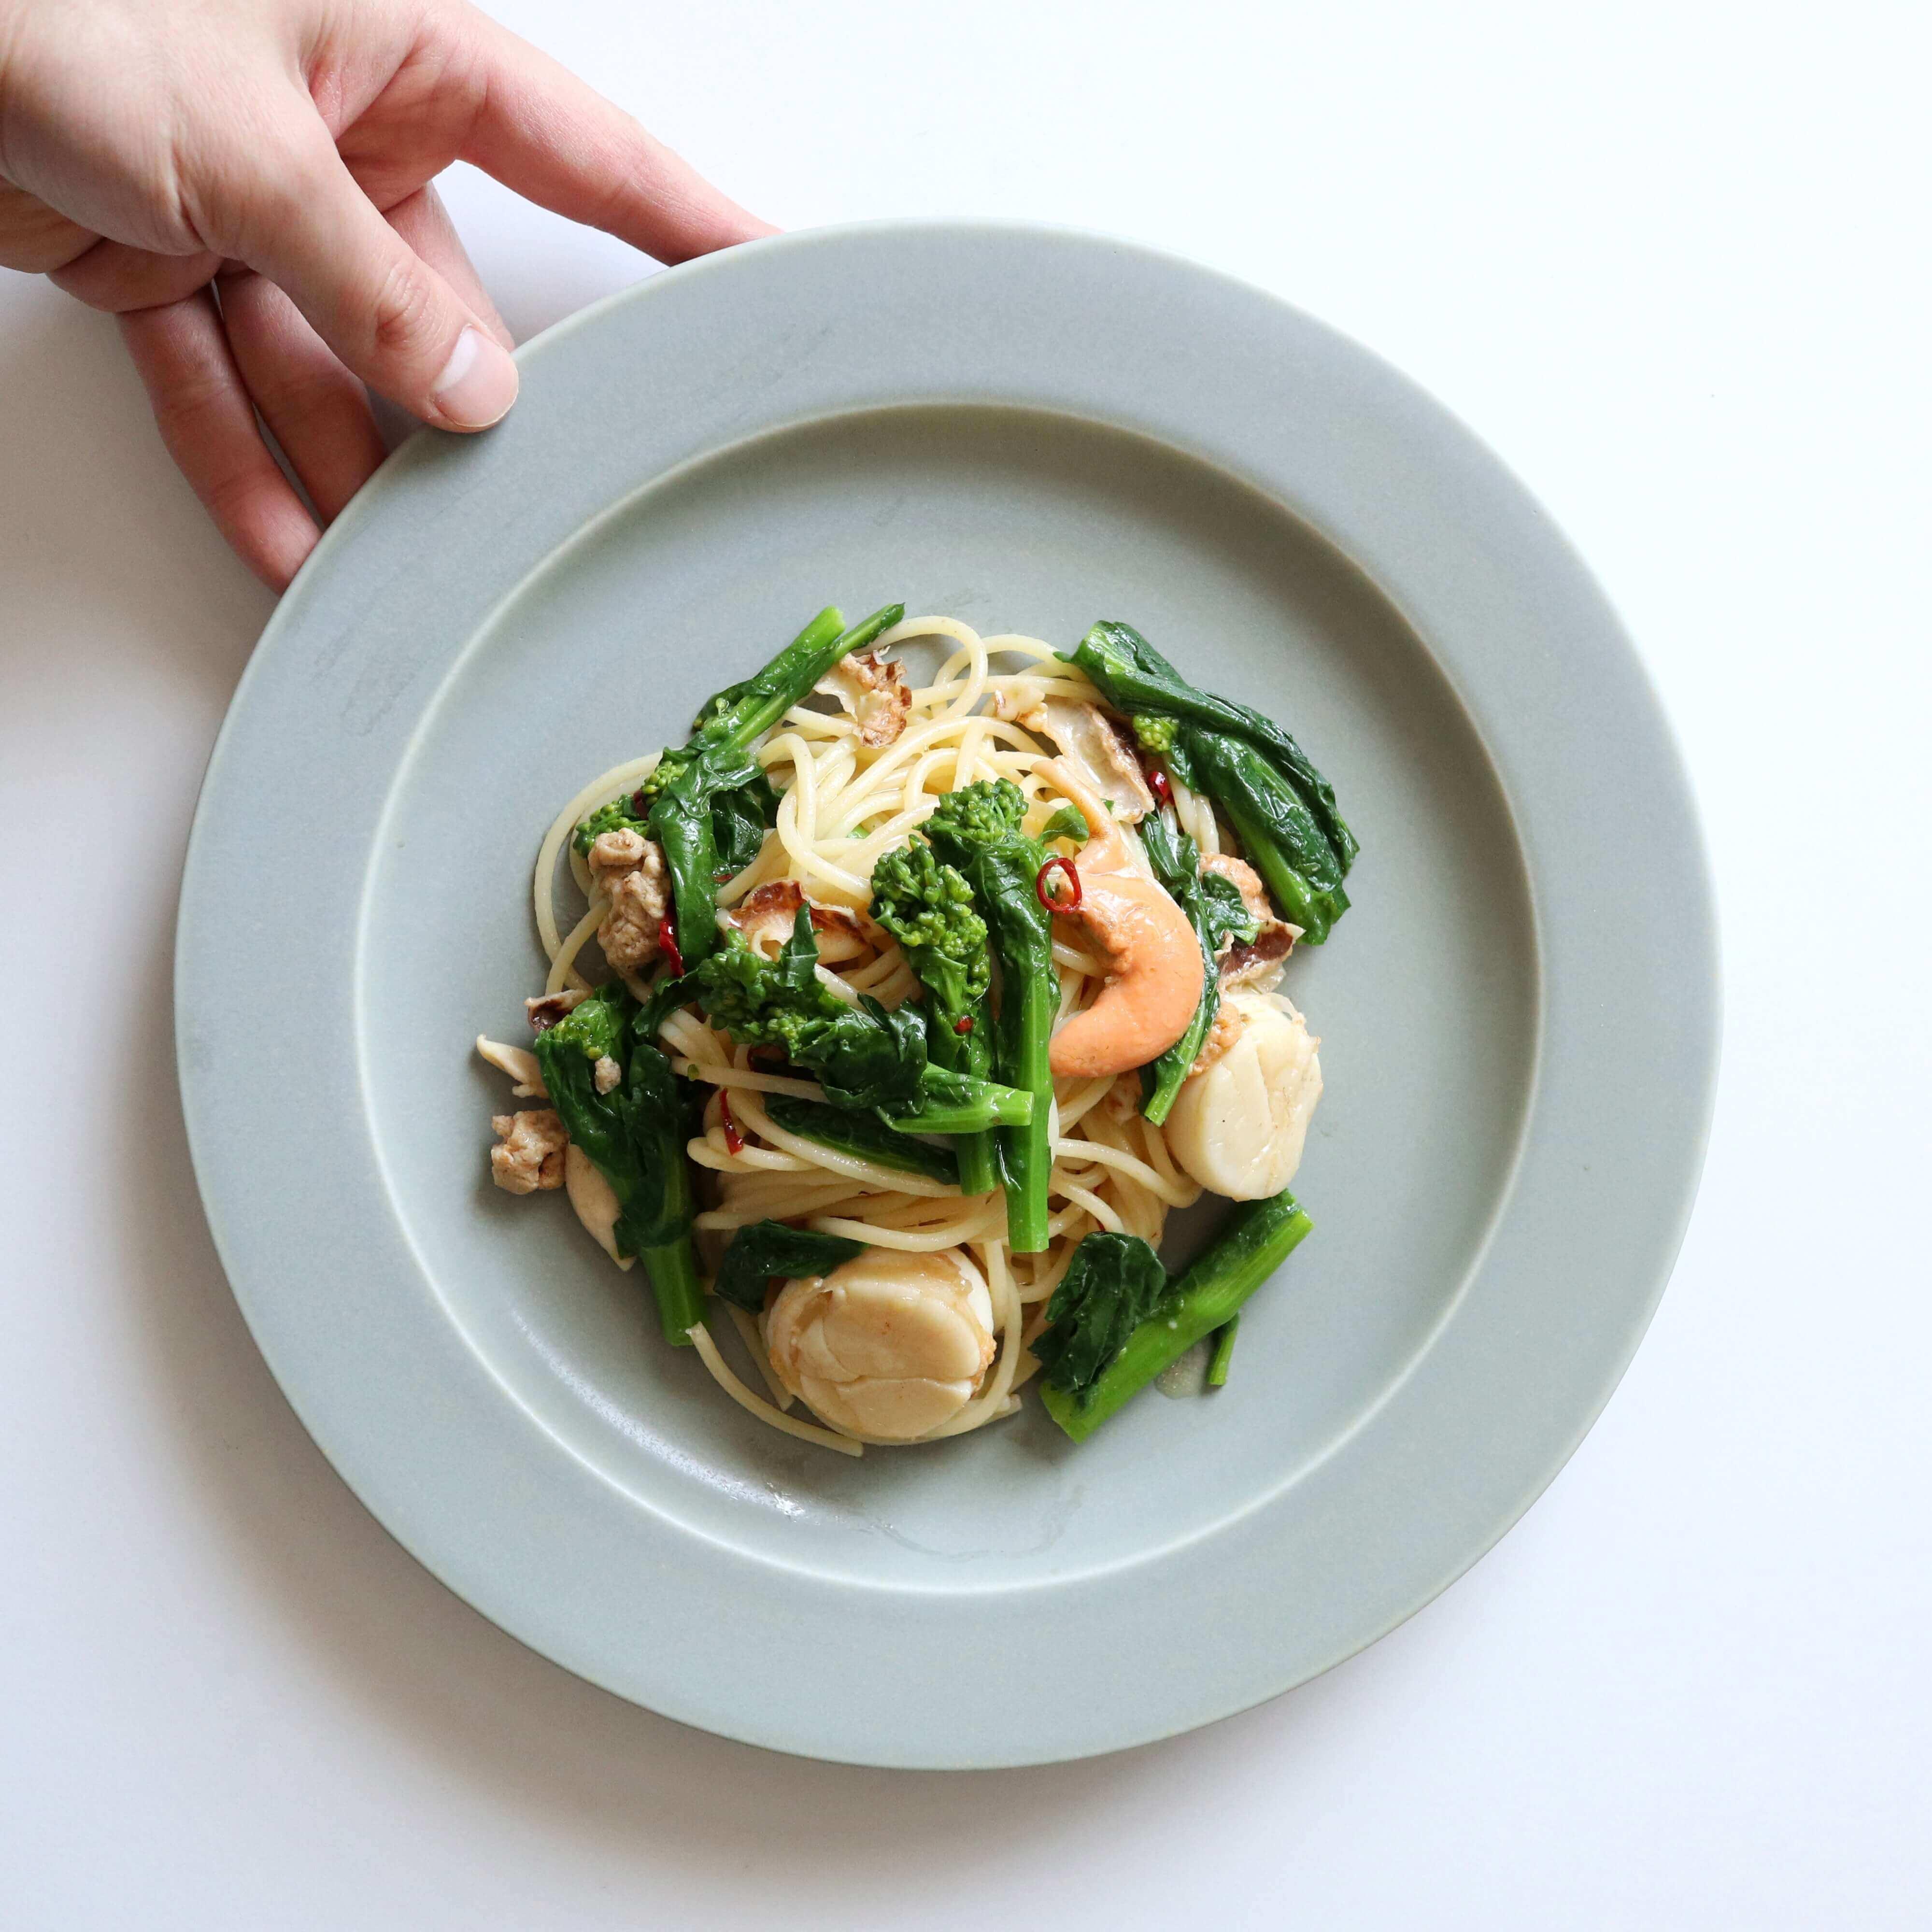 【大絶賛!】菜の花とホタテのペペロンチーノのレシピ